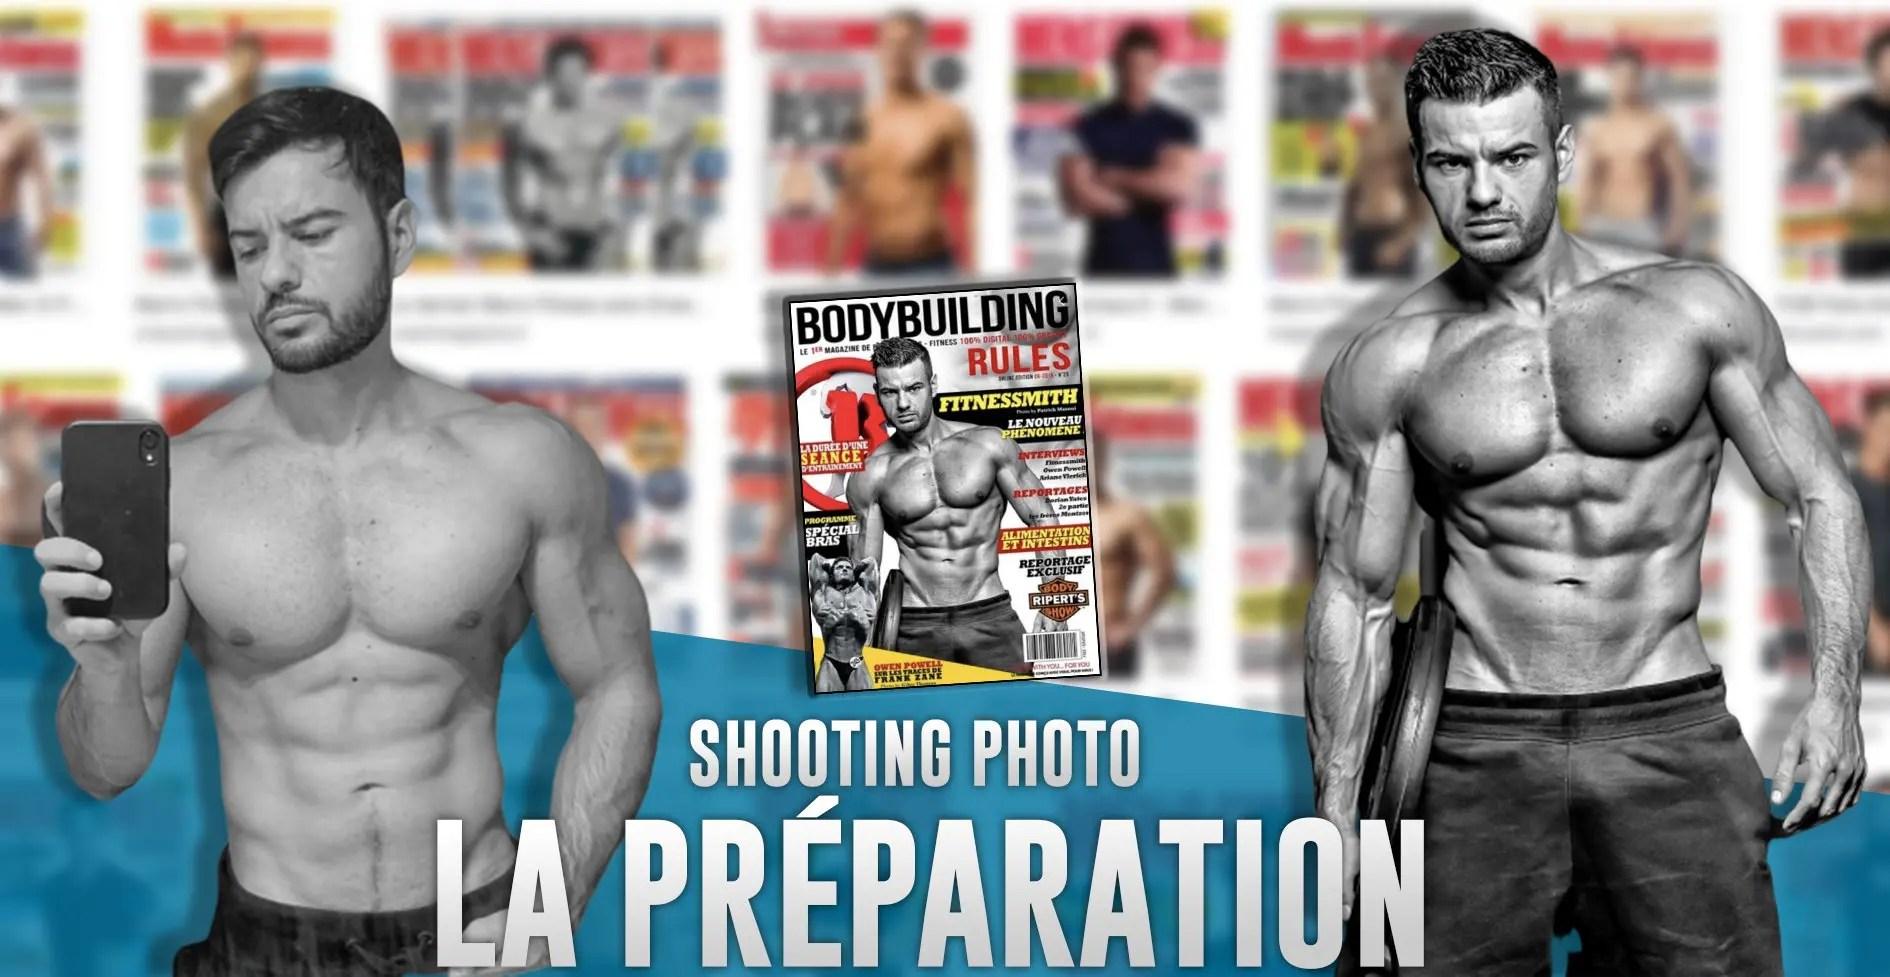 comment se preparer pour shooting photo